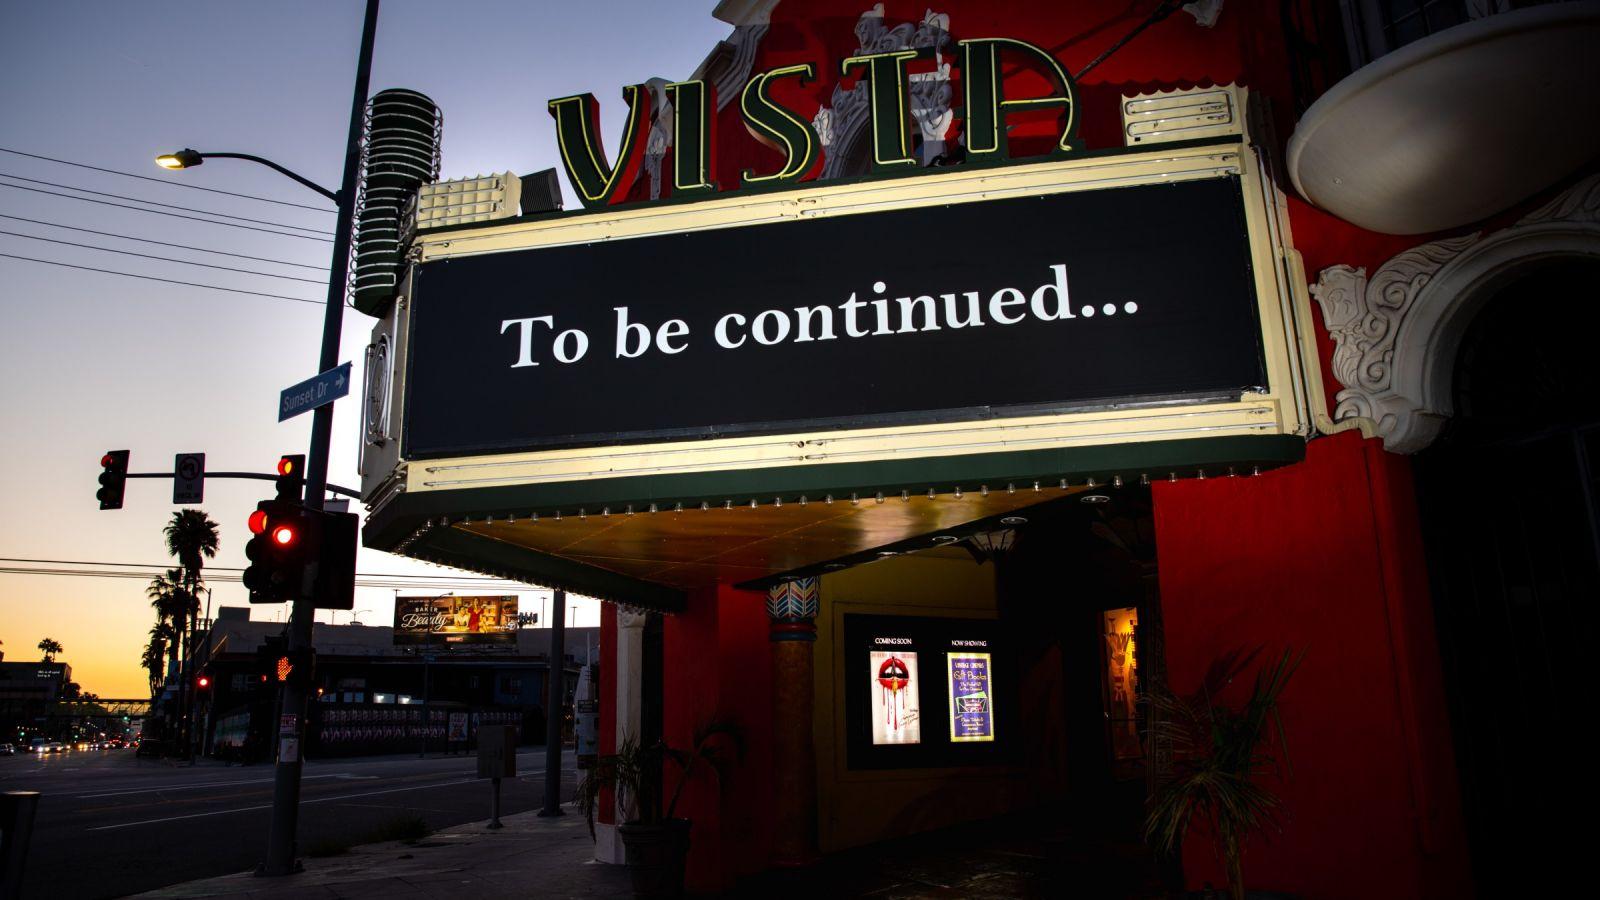 Λίνα Μενδώνη: Άσχημα τα νέα για θέατρα και κινηματογράφους [vid]